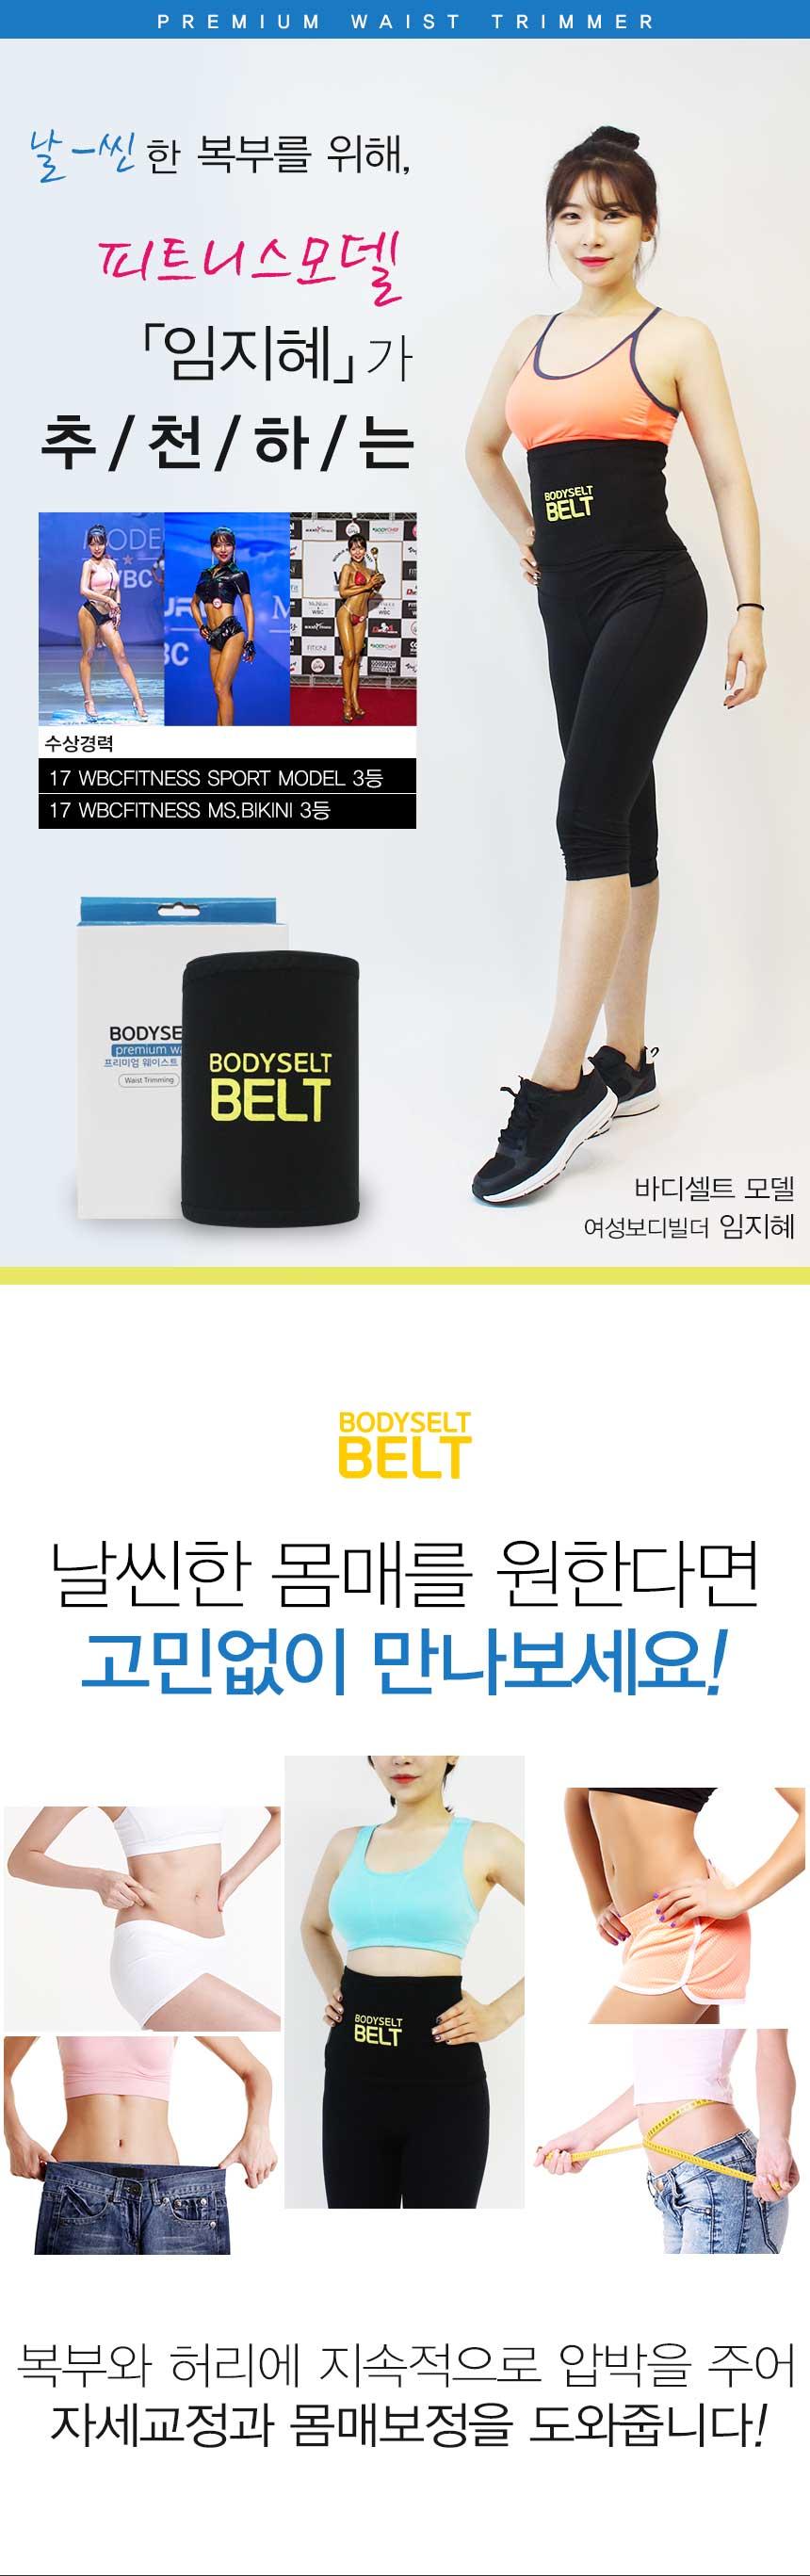 belt-01-1-.jpg